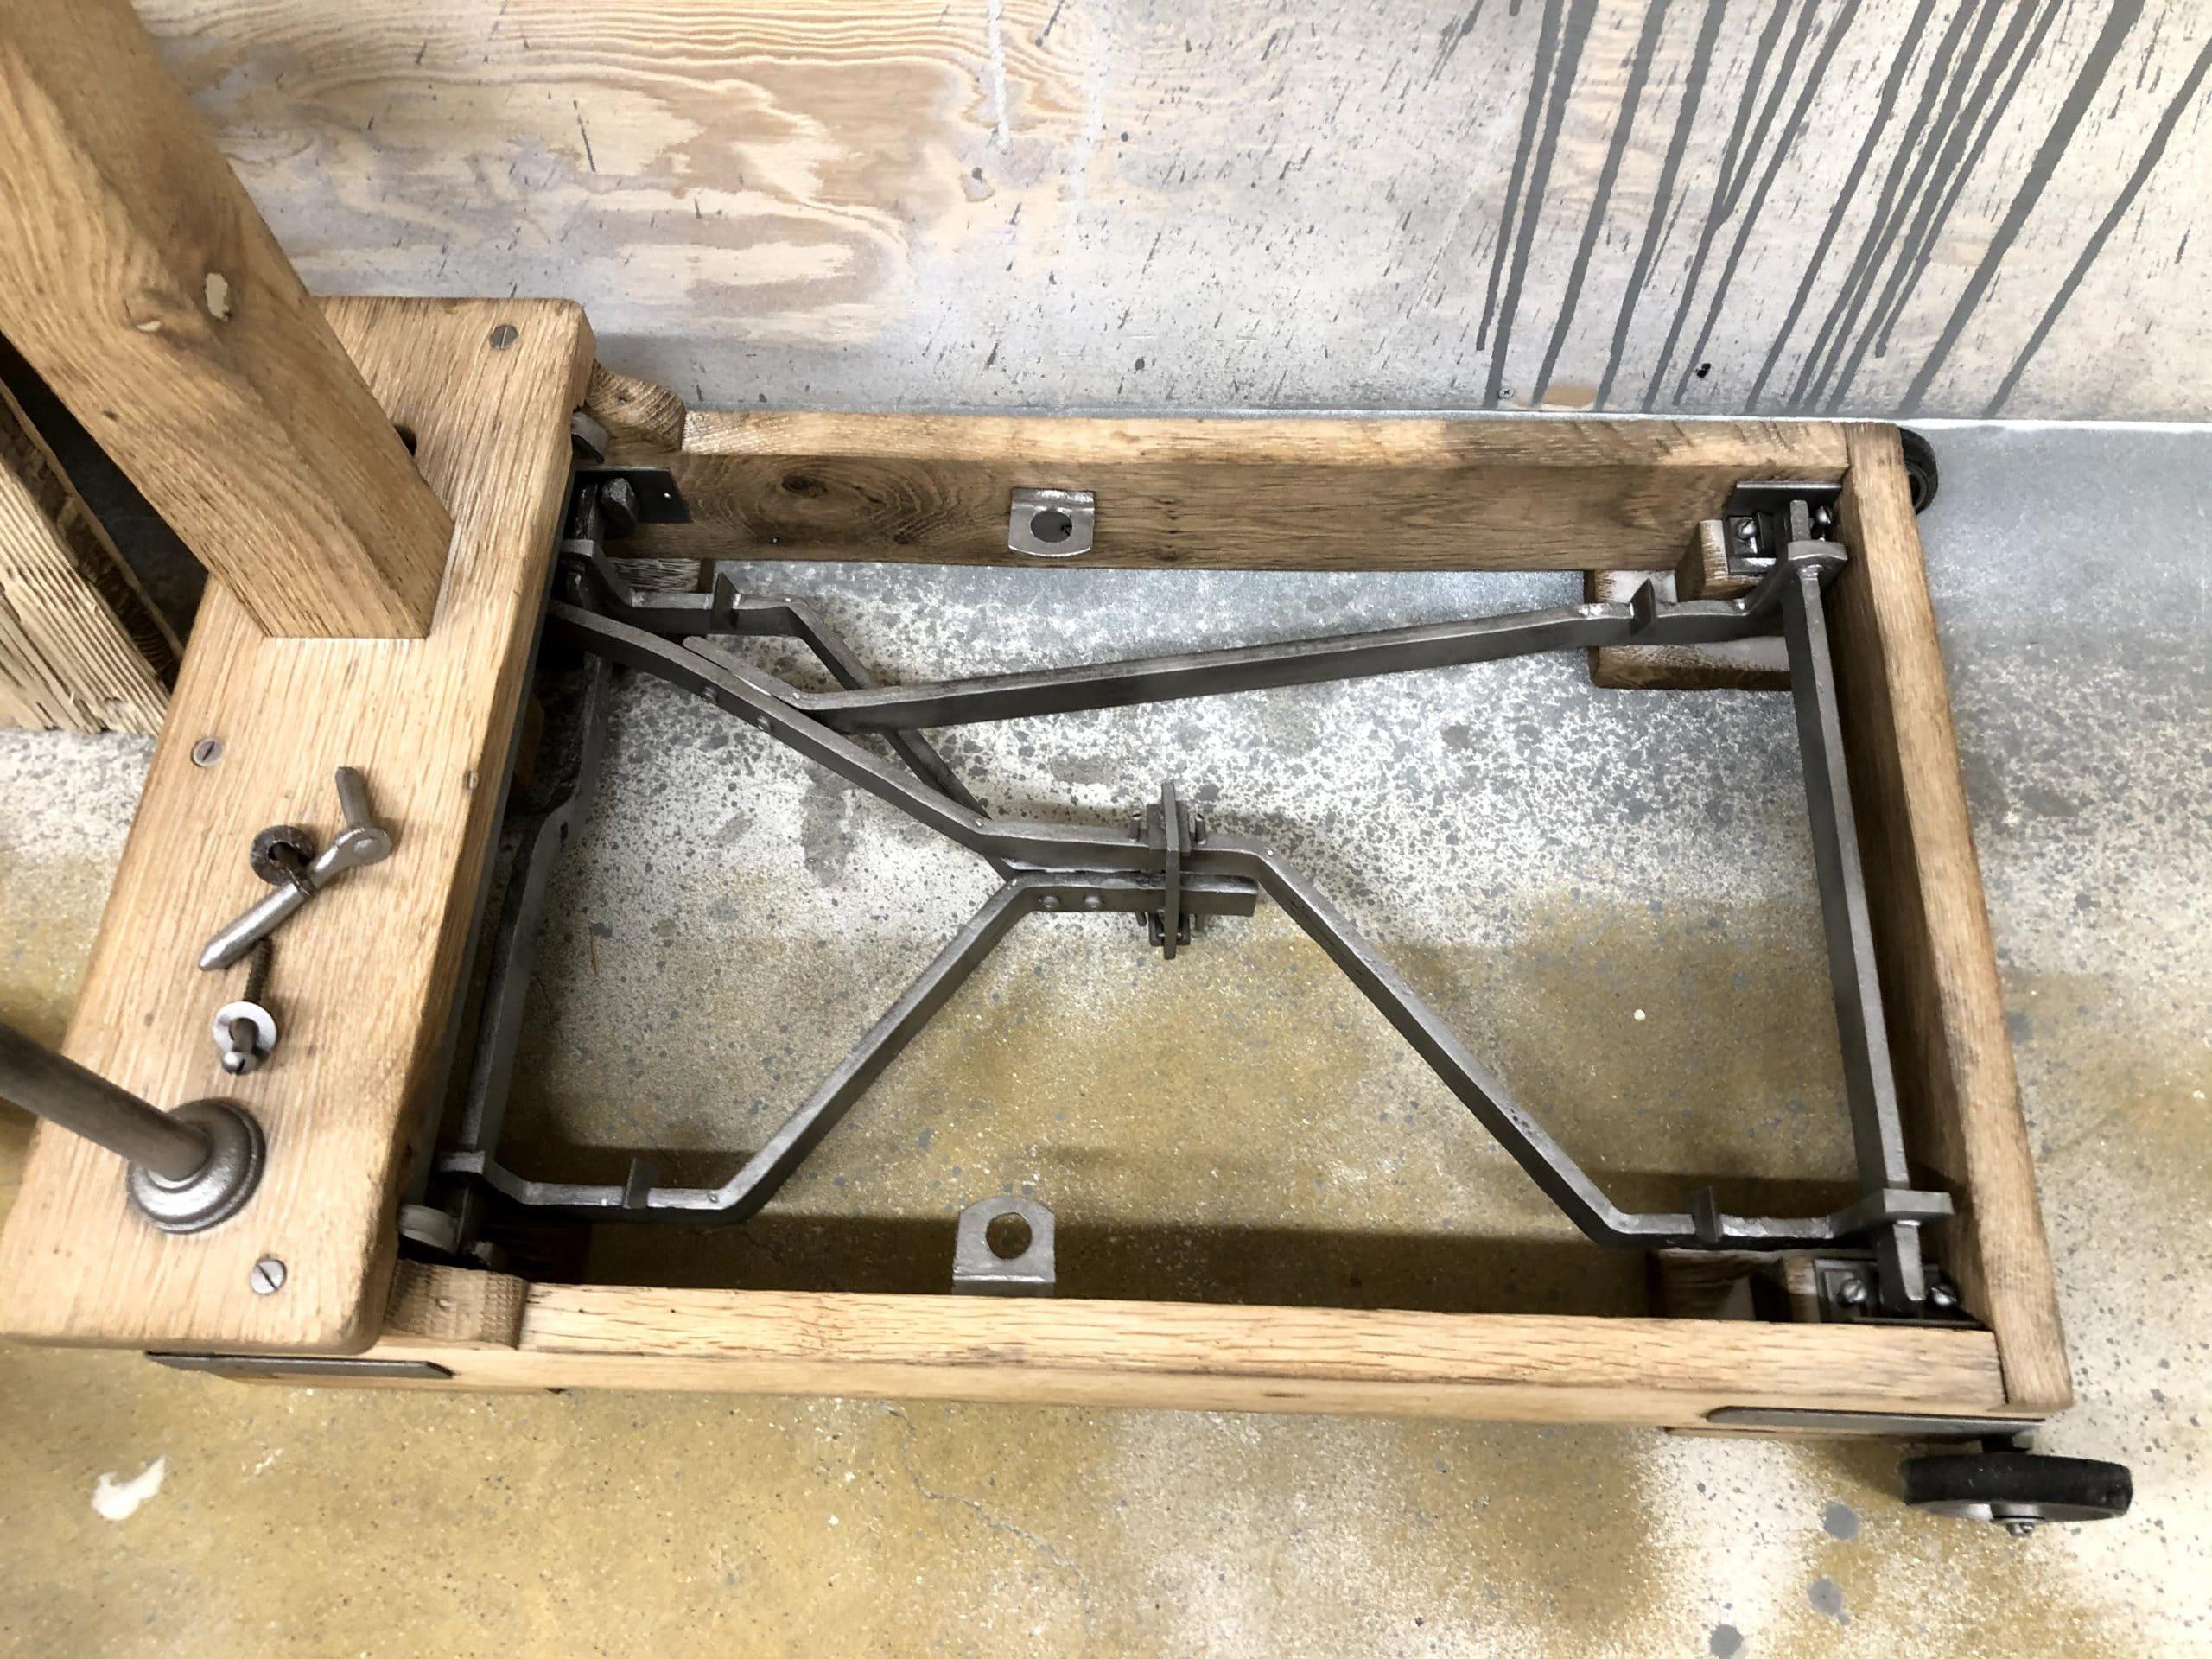 le bois et métal après nos travaux de microgommage